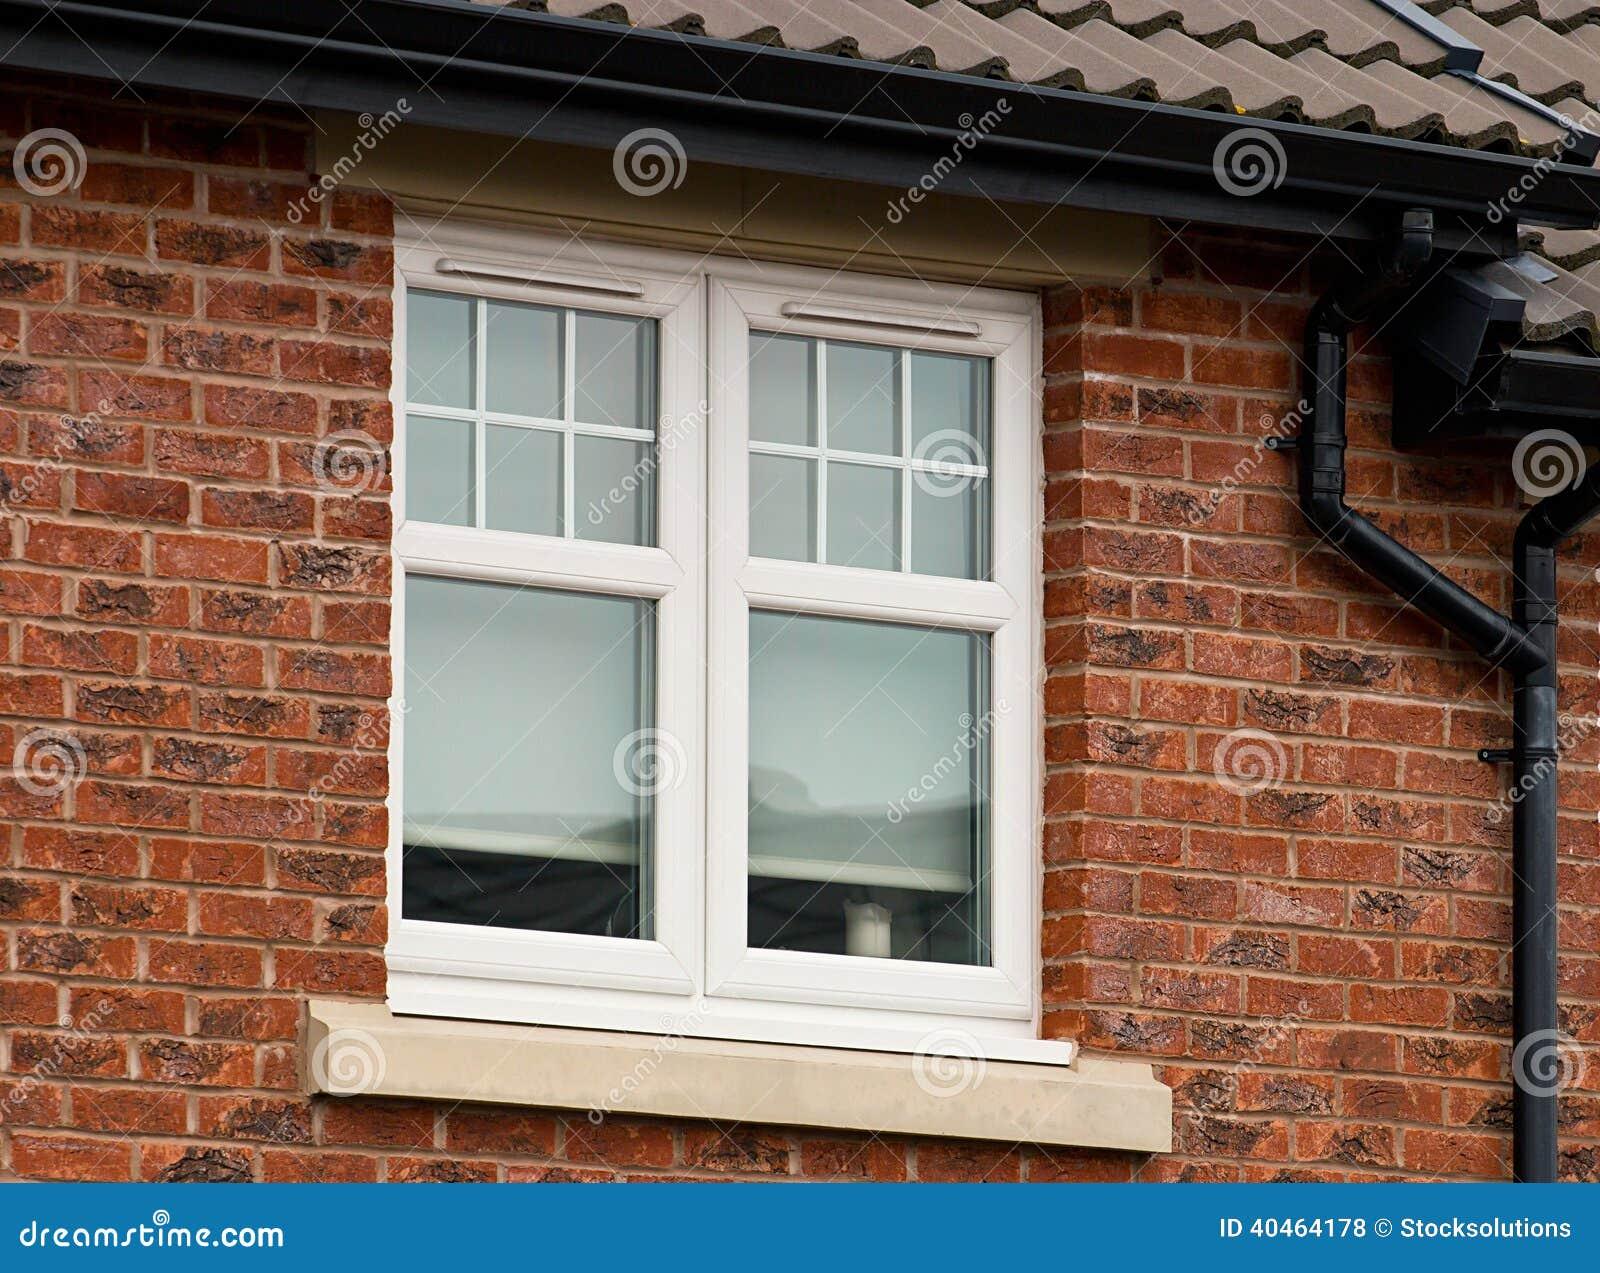 Upvc double glazed unit stock photo image 40464178 for Upvc double glazing